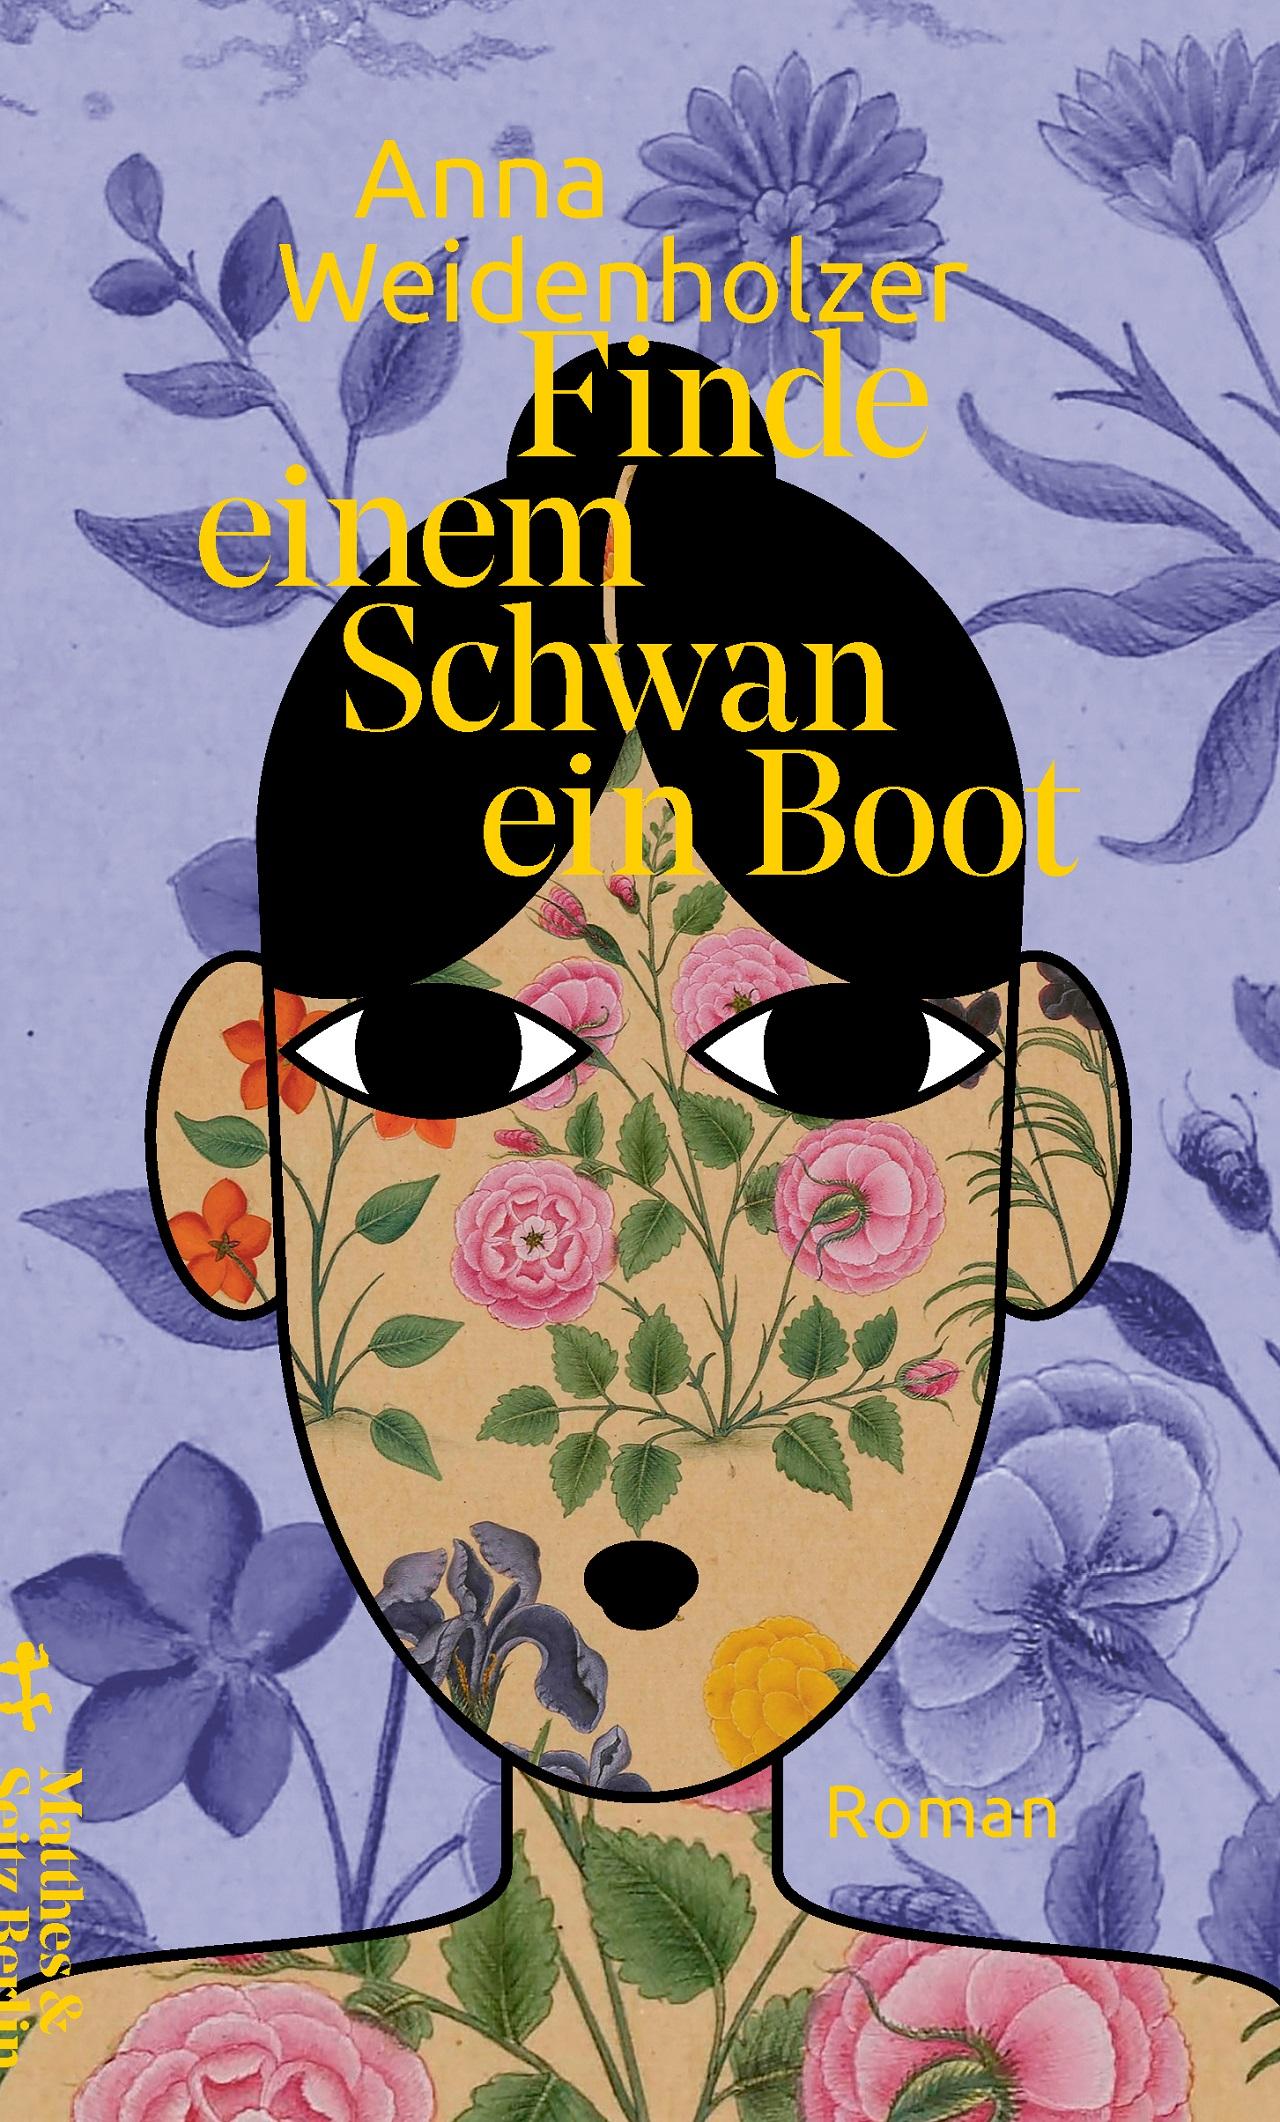 Eine Zeichnung einer Frau und Blumen ist am Cover des Buchs